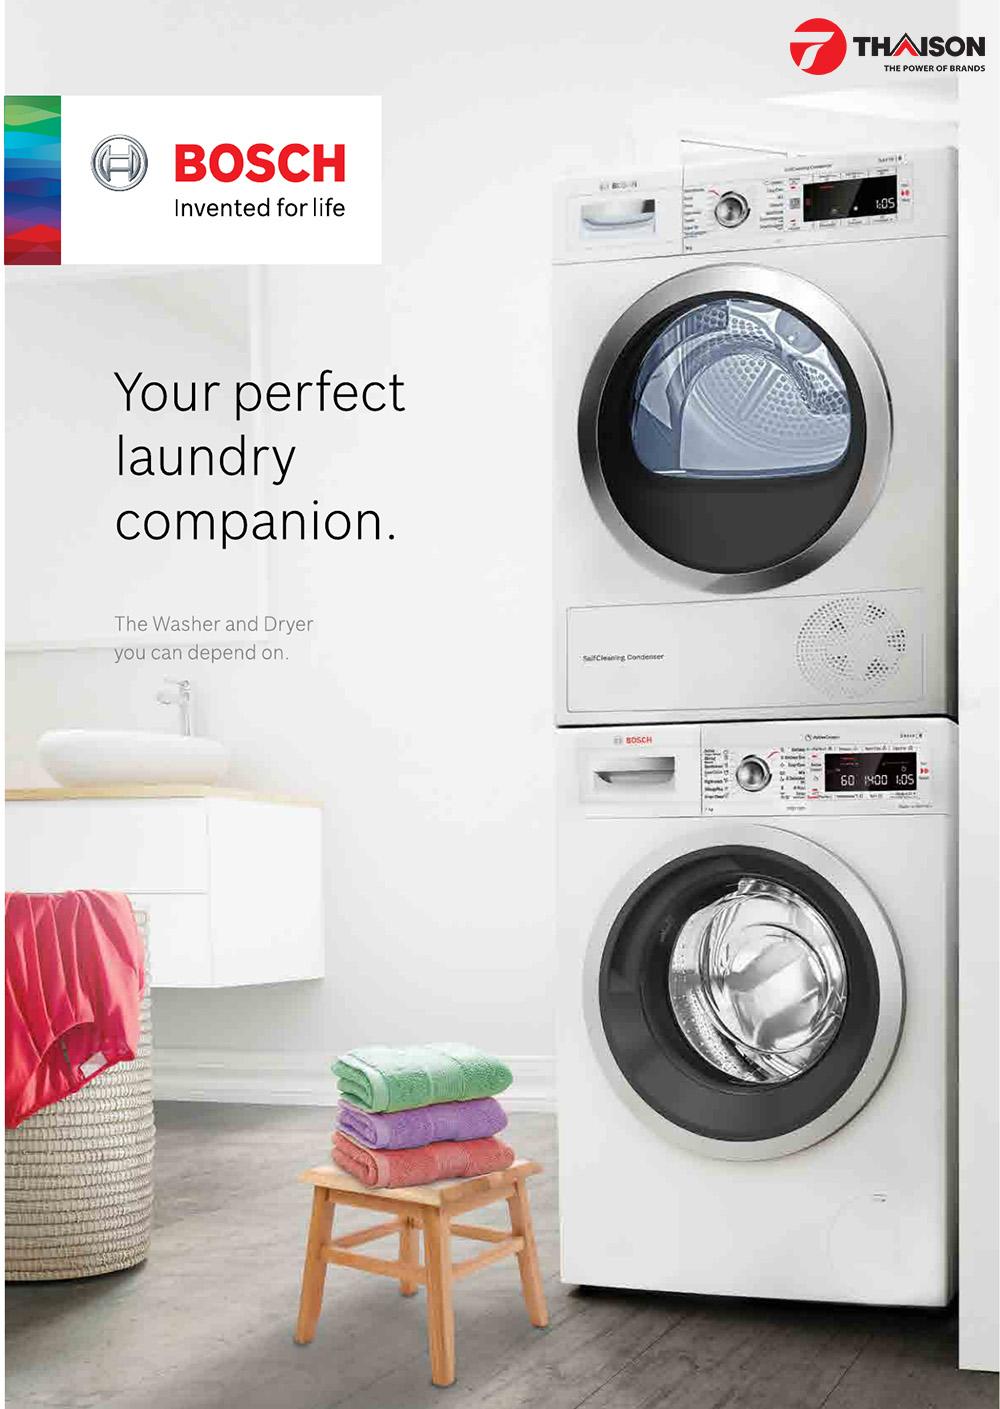 Sự kết hợp hoàn hảo giữa máy sấy và máy giặt Bosch cho gia đình.